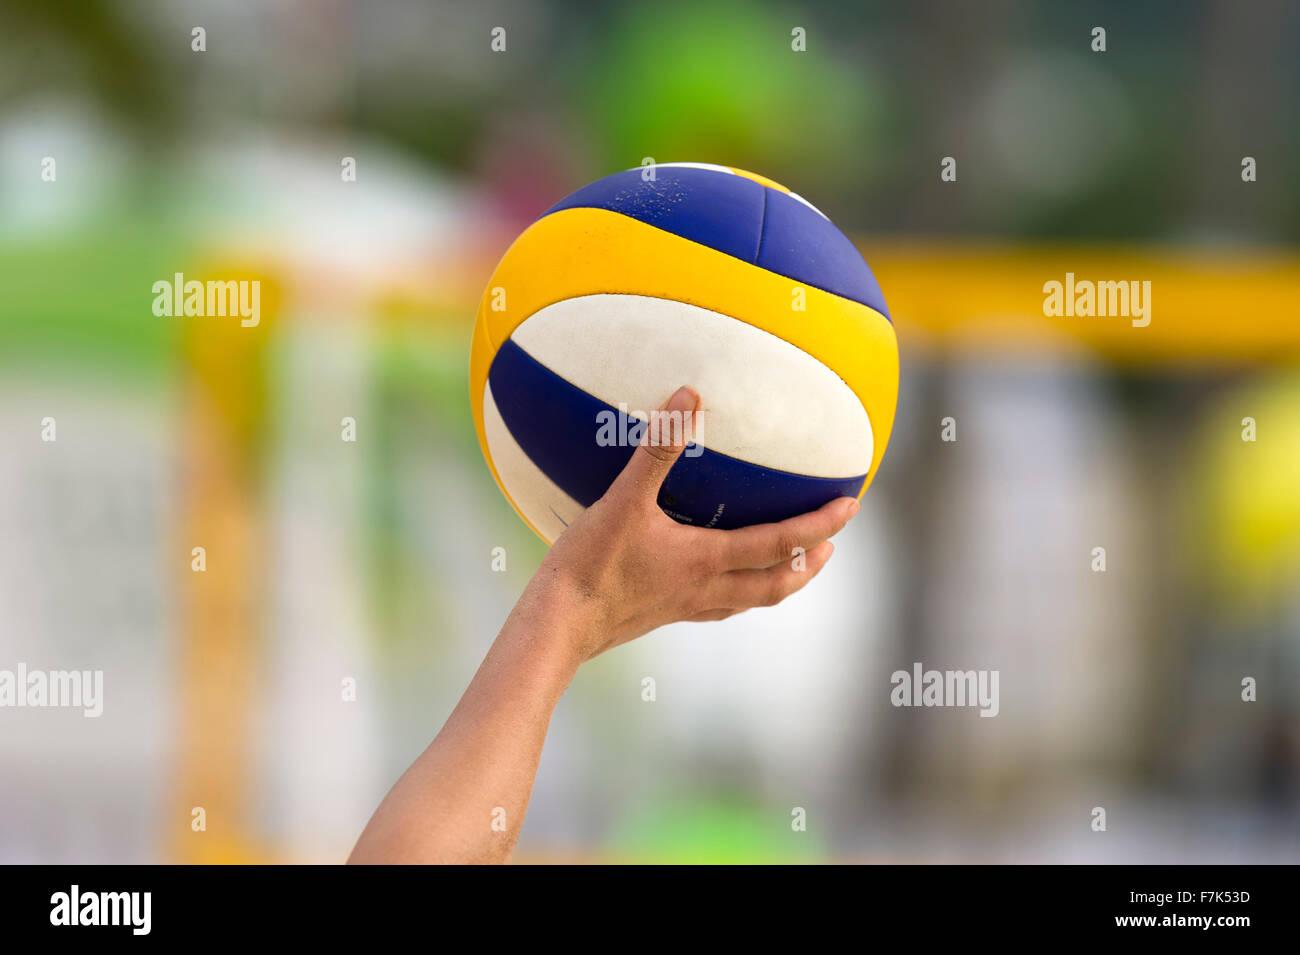 Volley-ball volley-ball est un détenu par un joueur de volley-ball prêt à être servi. Photo Stock